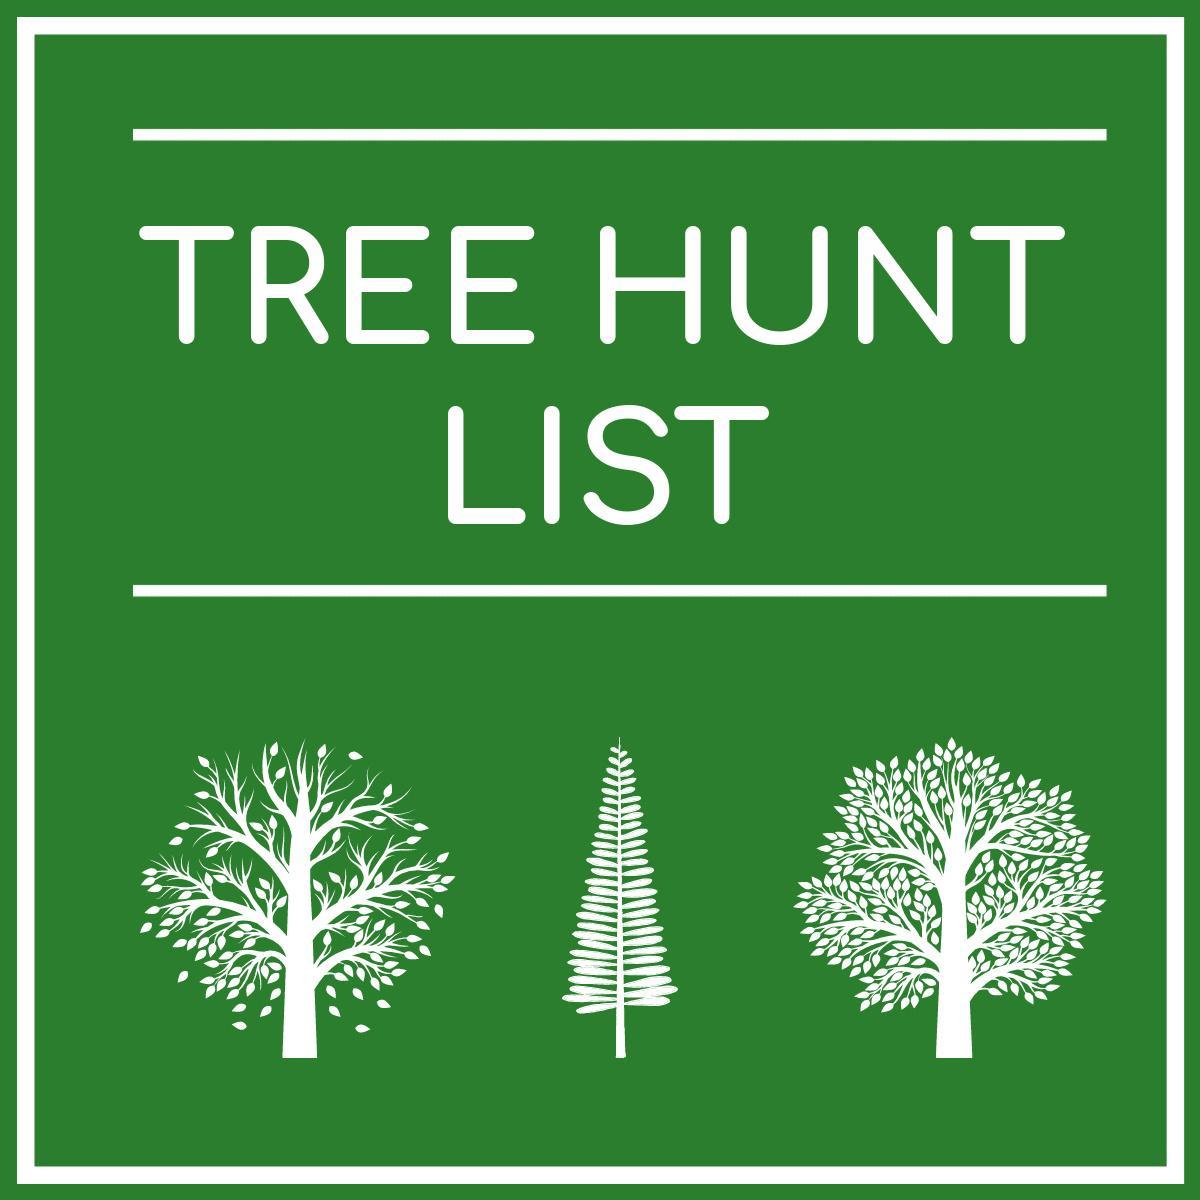 Tree Hunt List